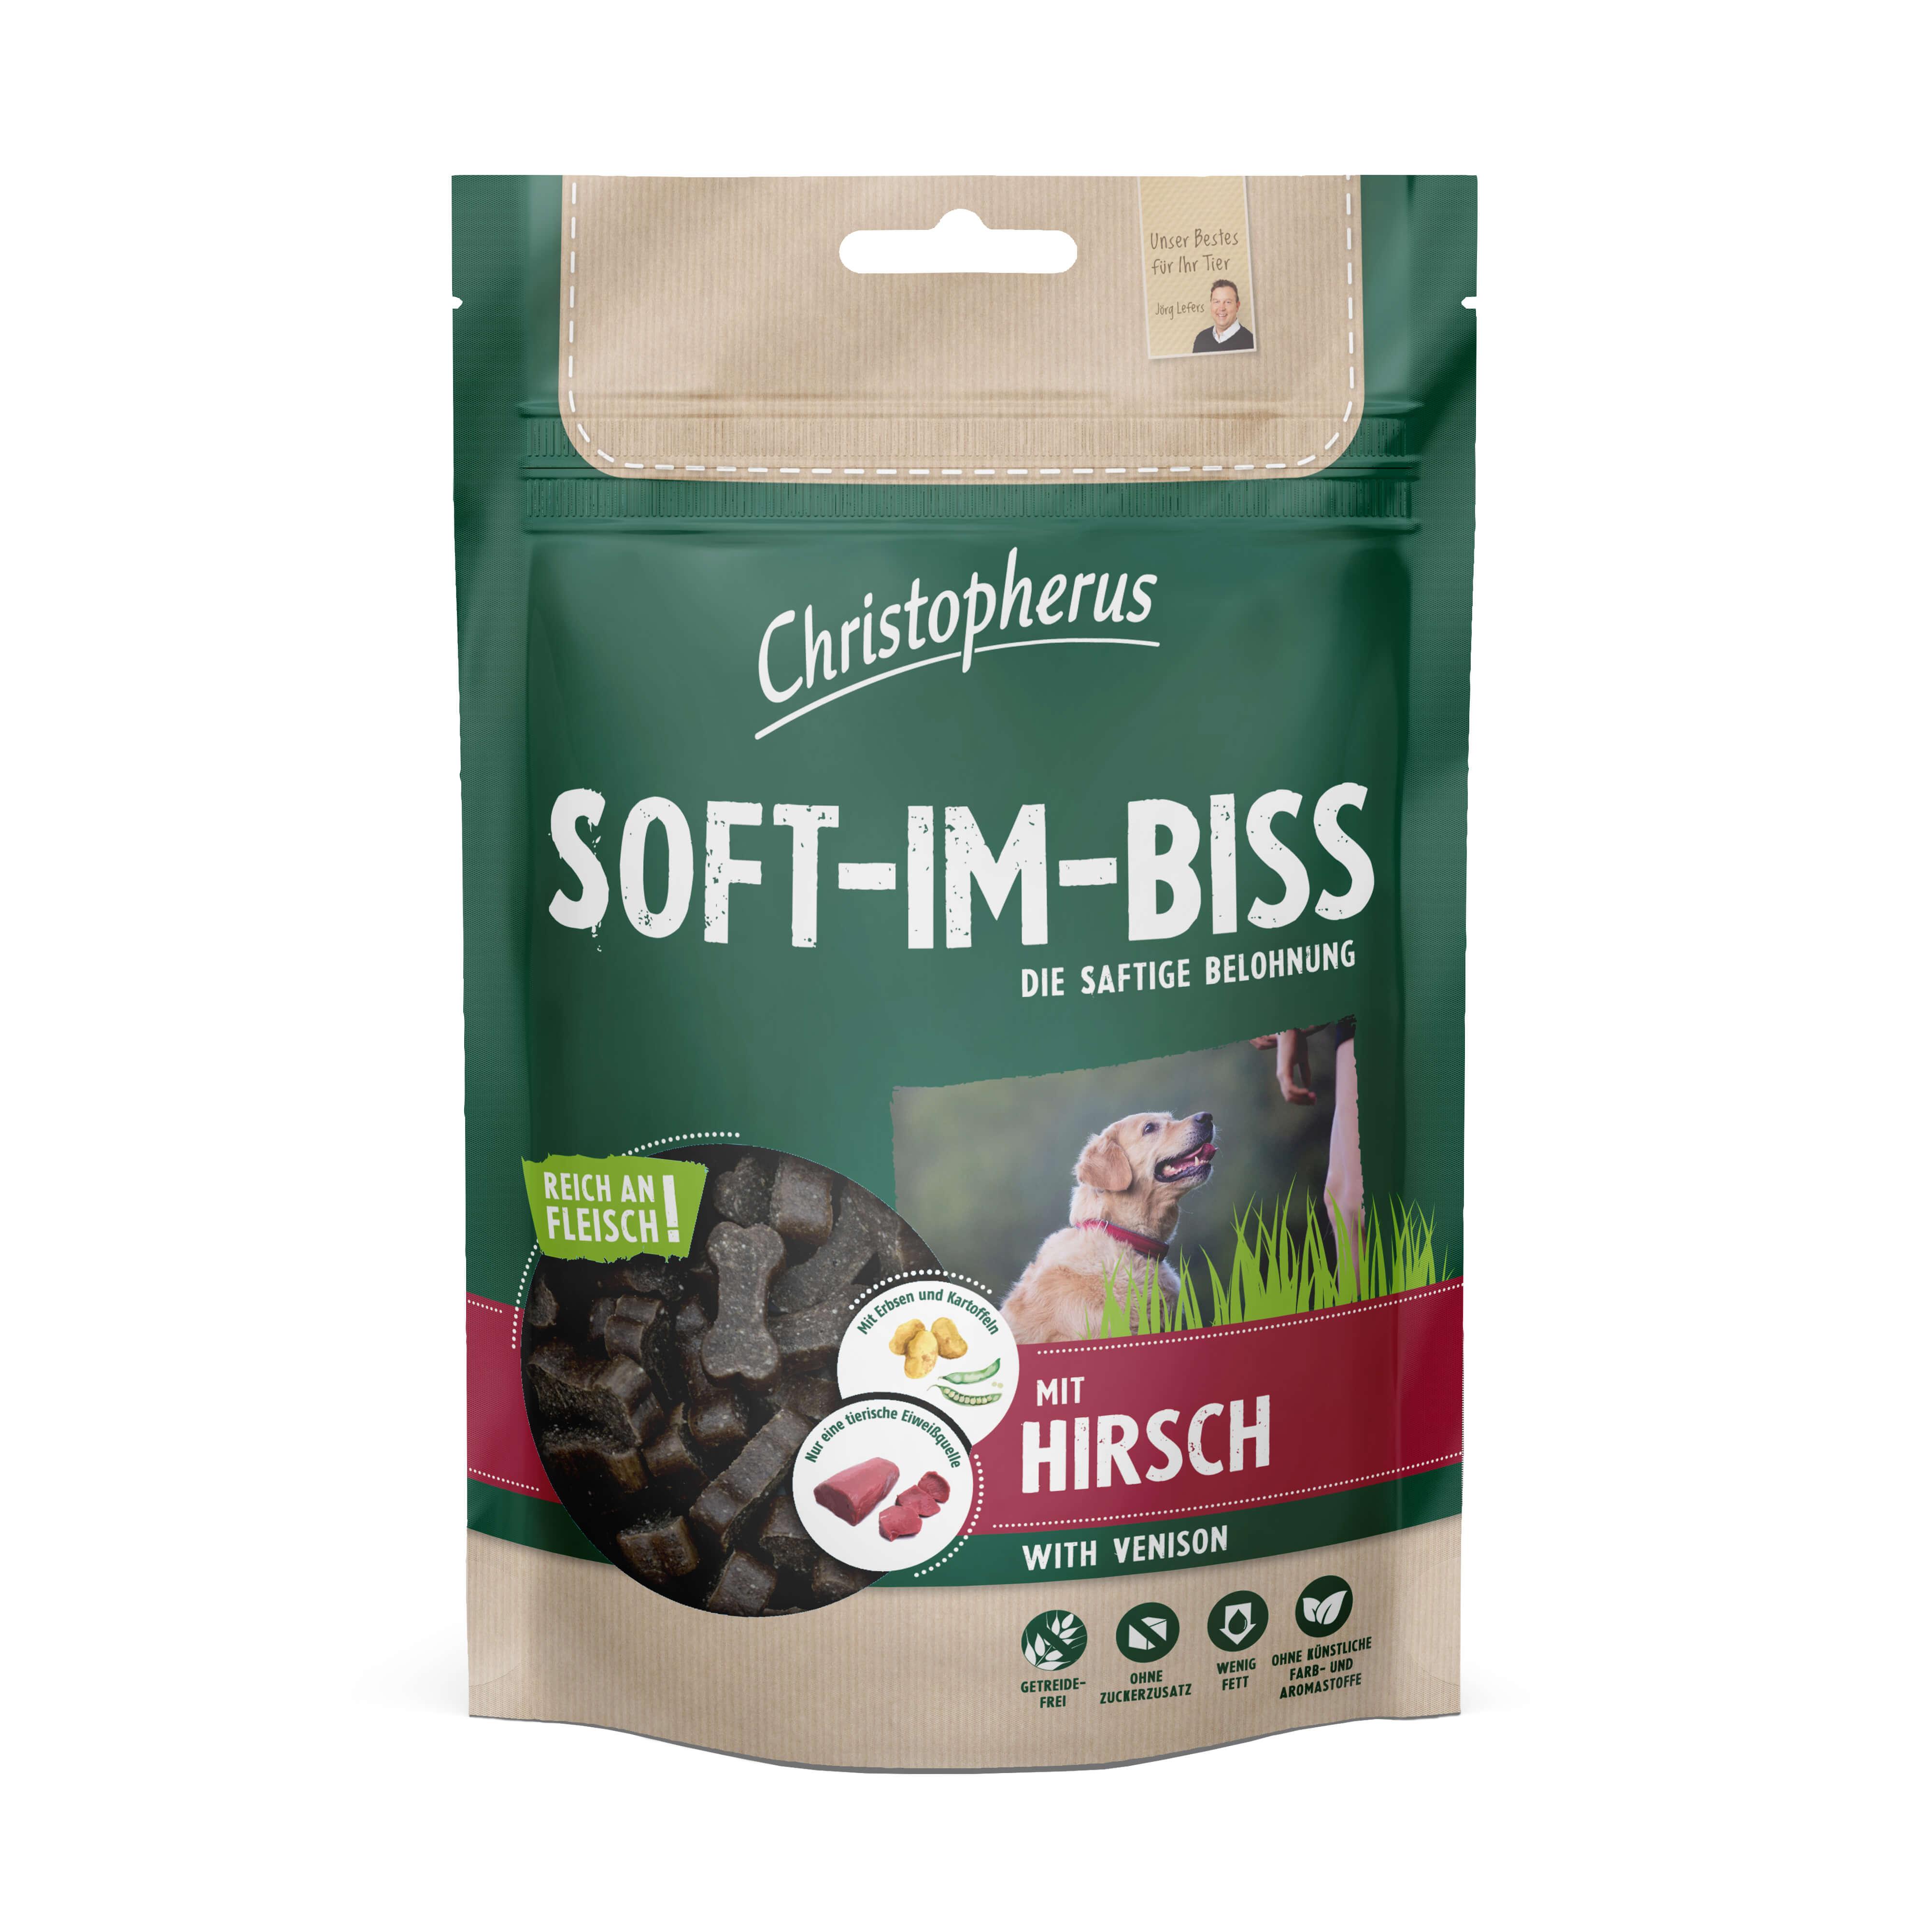 Christopherus – Soft-Im-Biss Hirsch